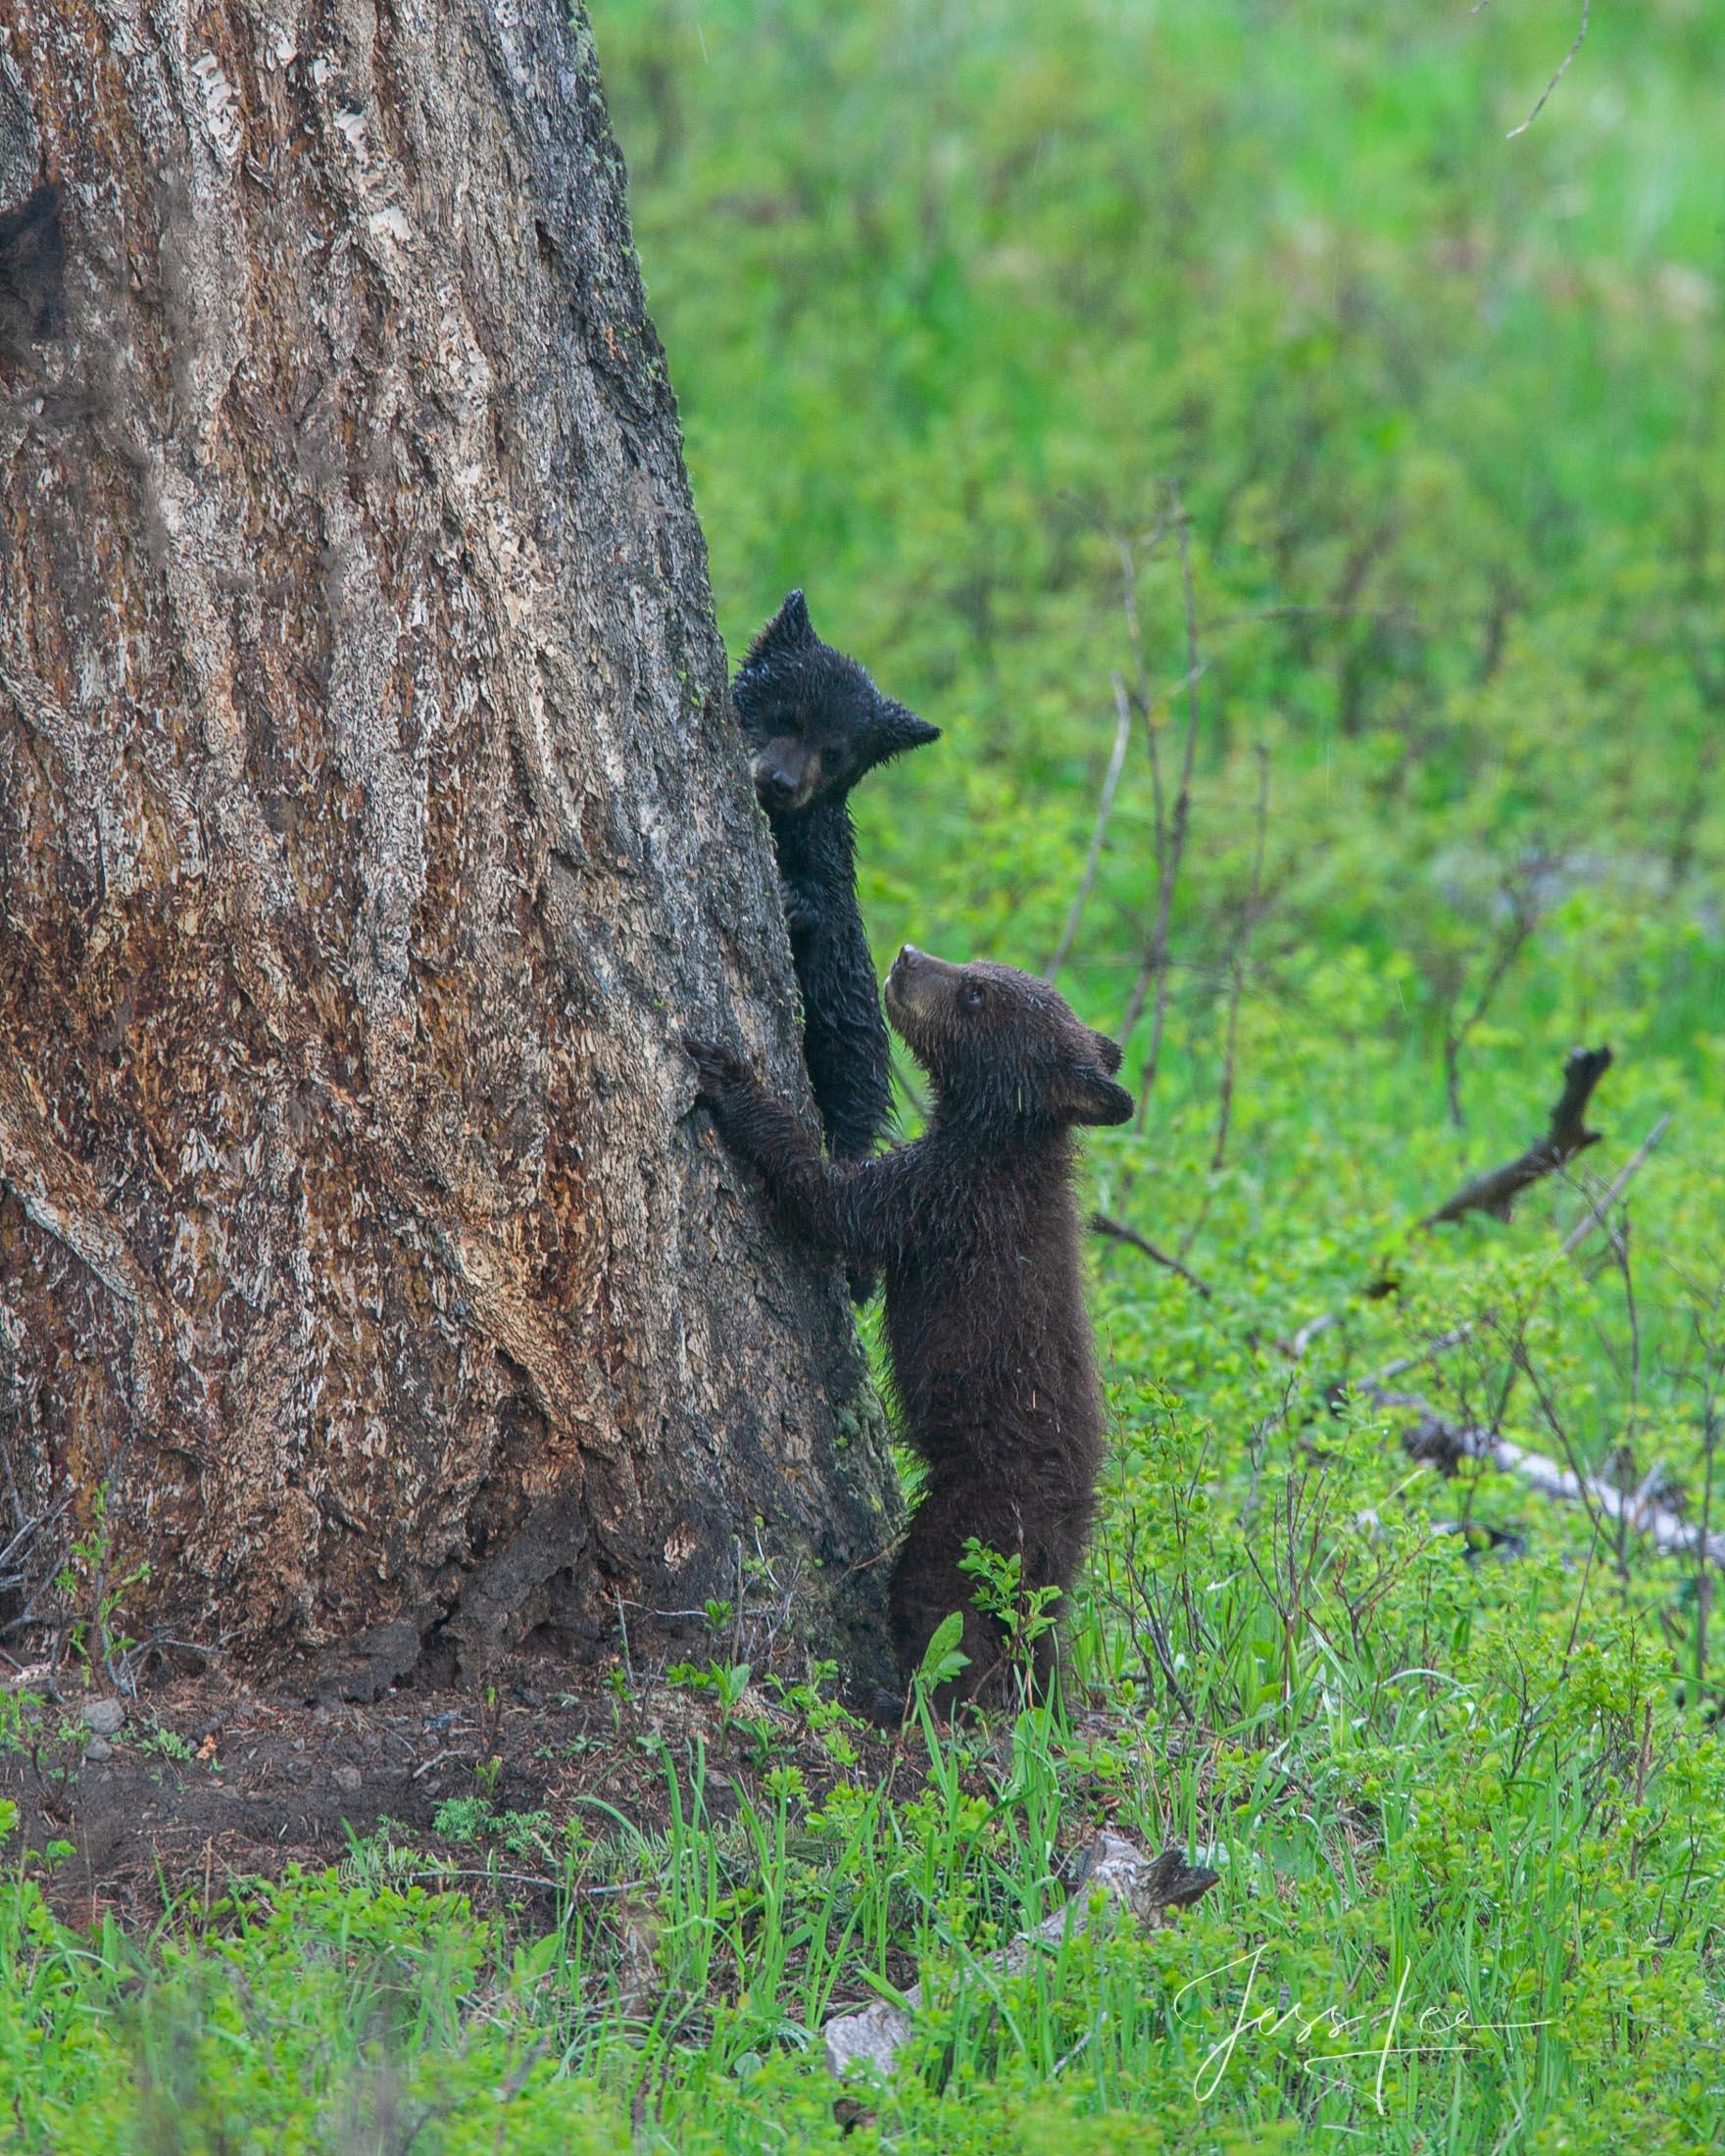 Black bear, Ursus americanus, North America, Picture, photo